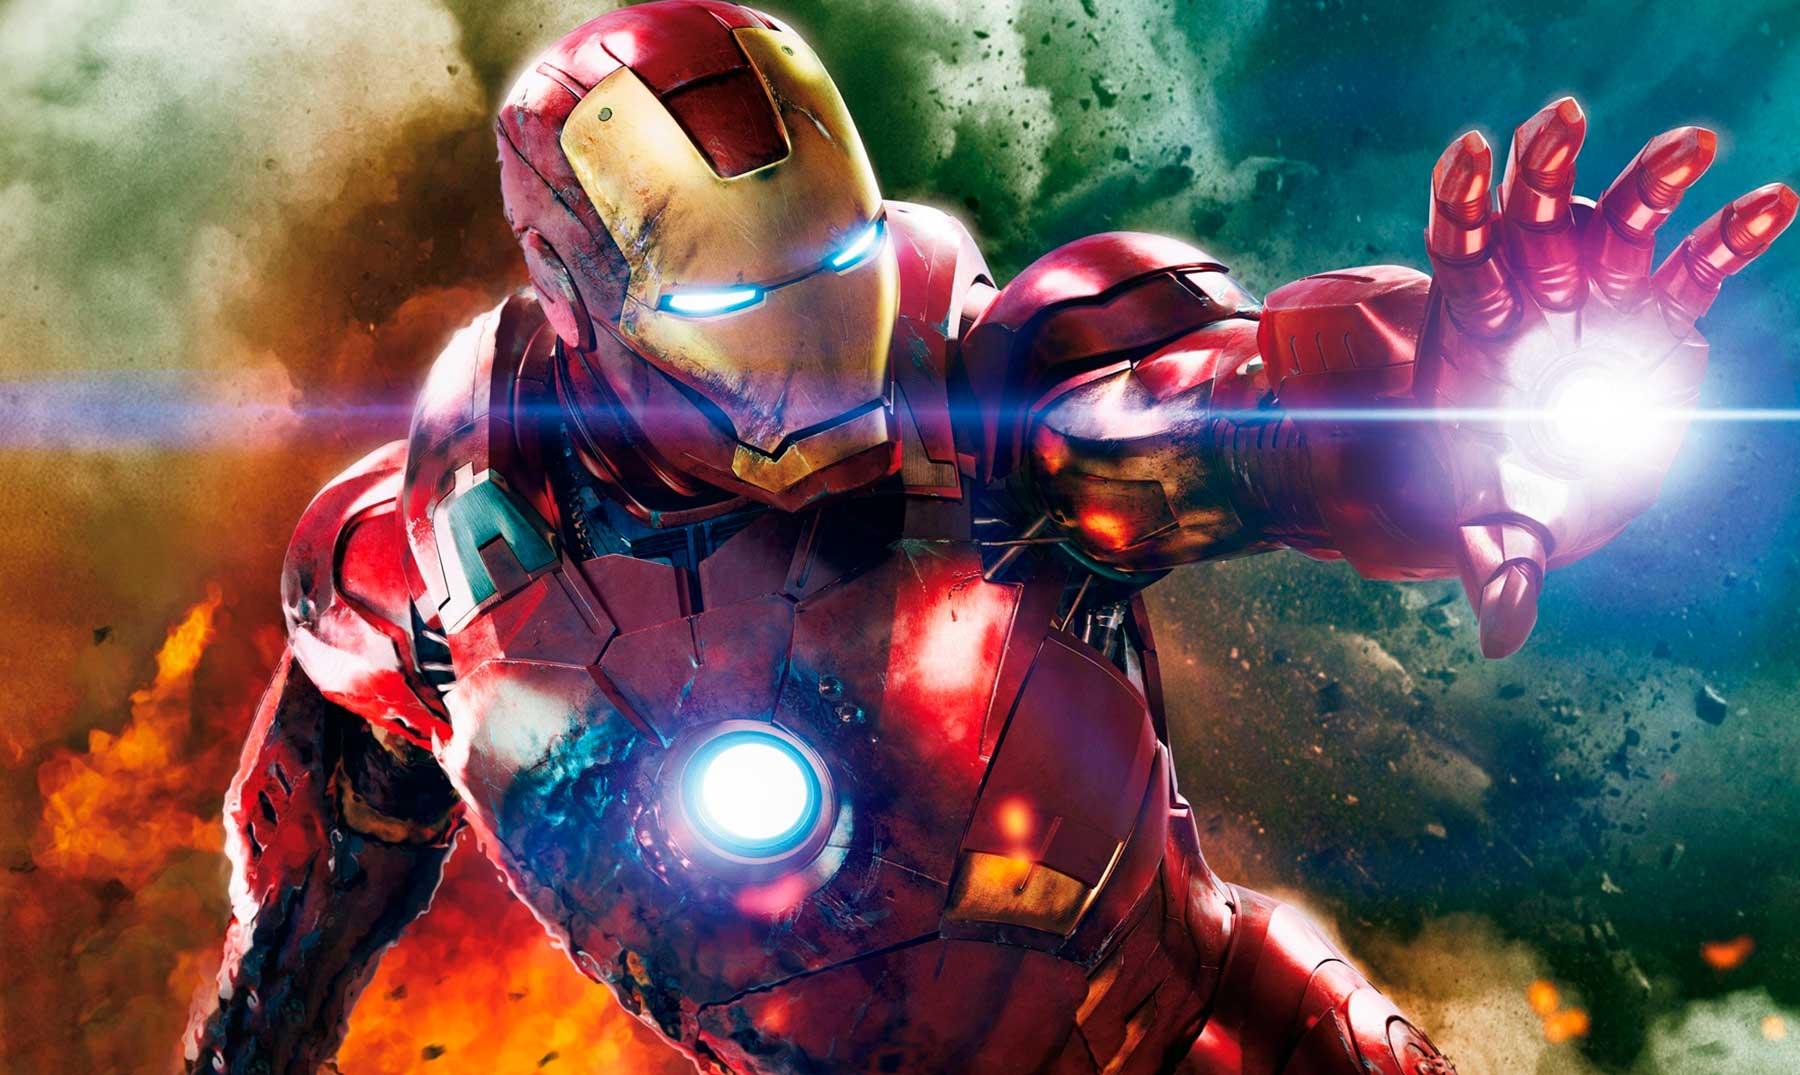 Imà Genes De Iron Man: 30 Frases De Iron Man: El Superhéroe Más Controvertido